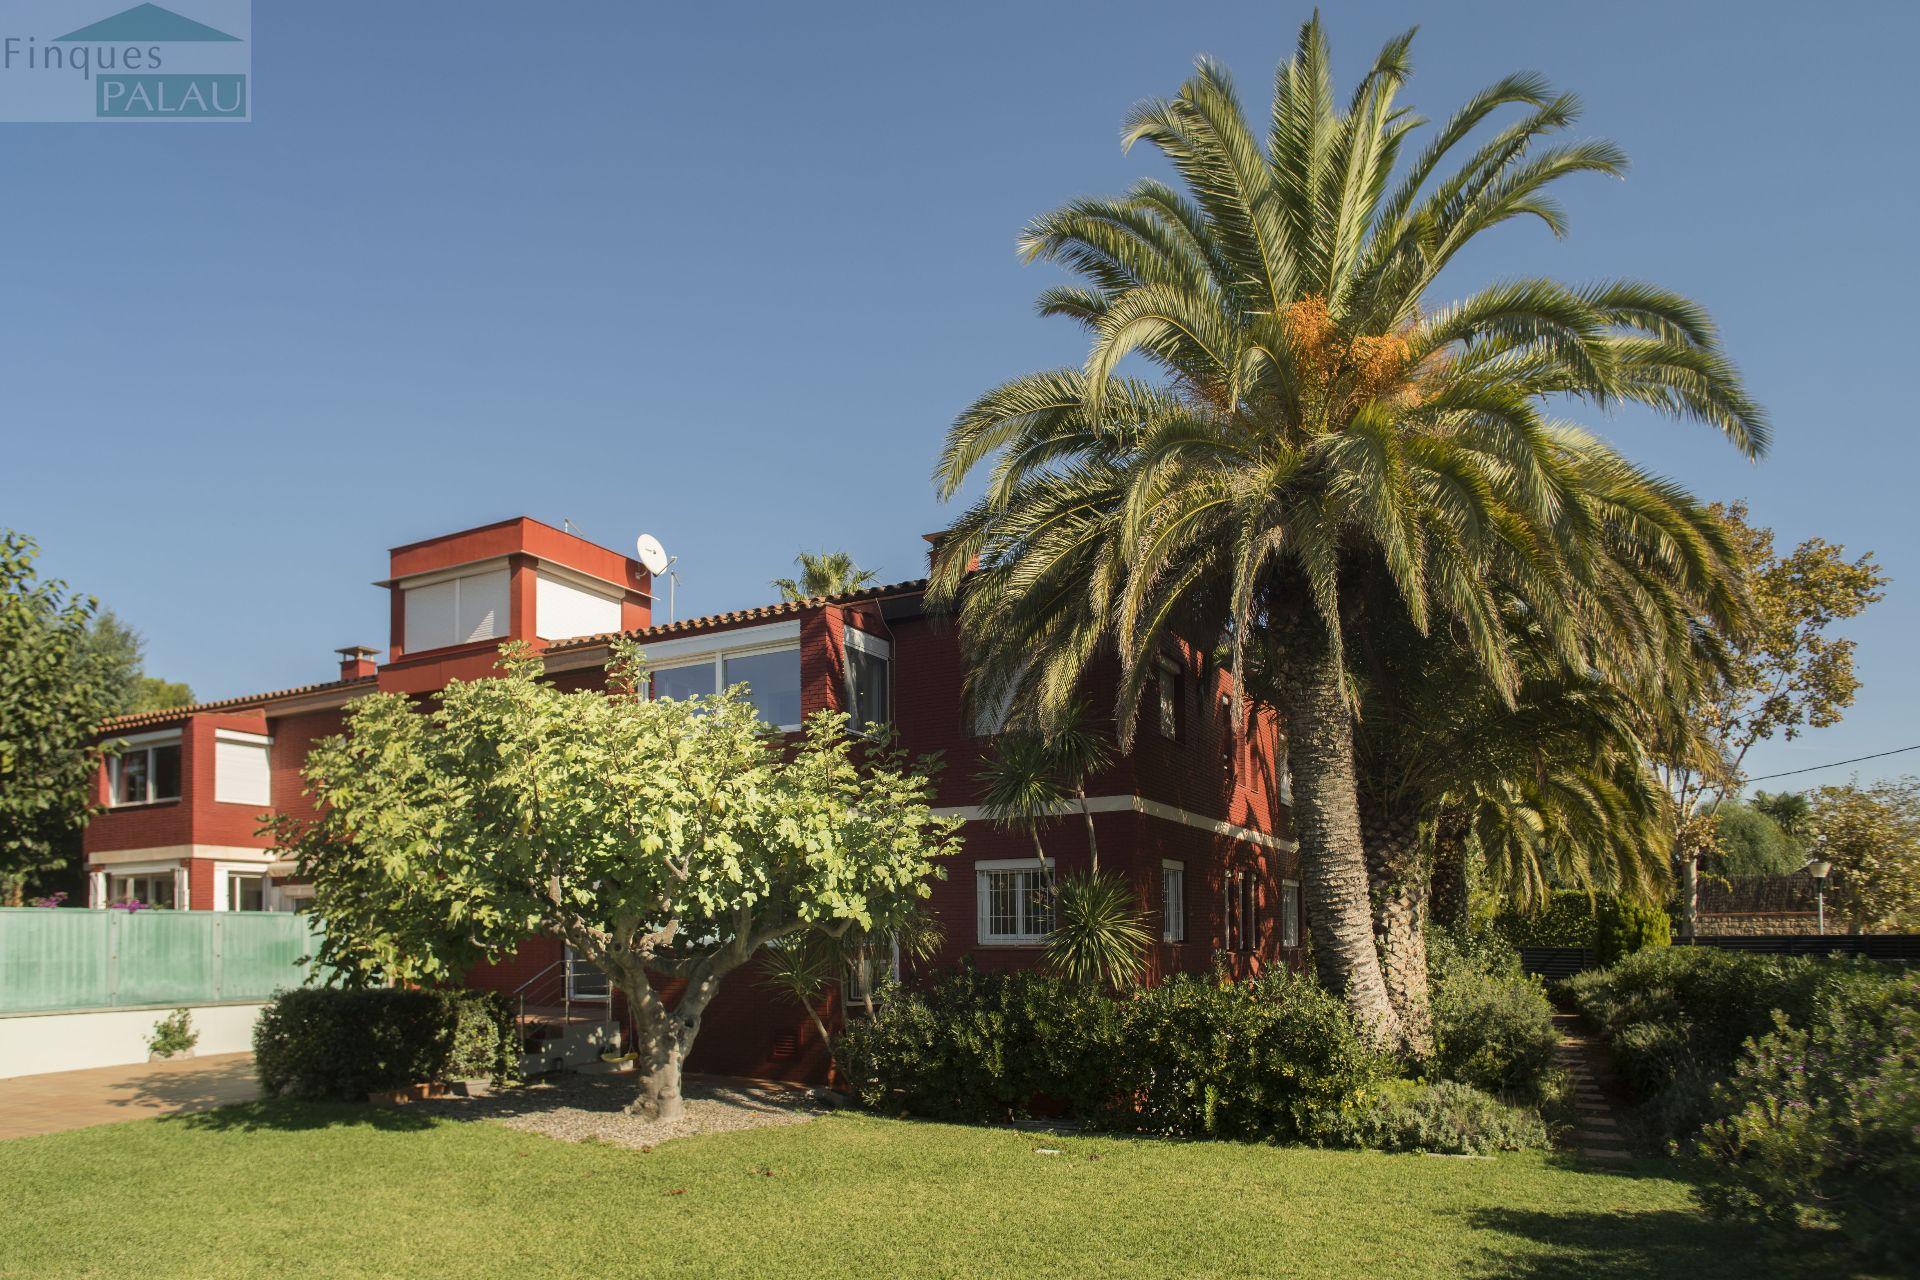 Casa / Chalet en Esplugues de Llobregat, CIUDAD DIAGONAL, alquiler